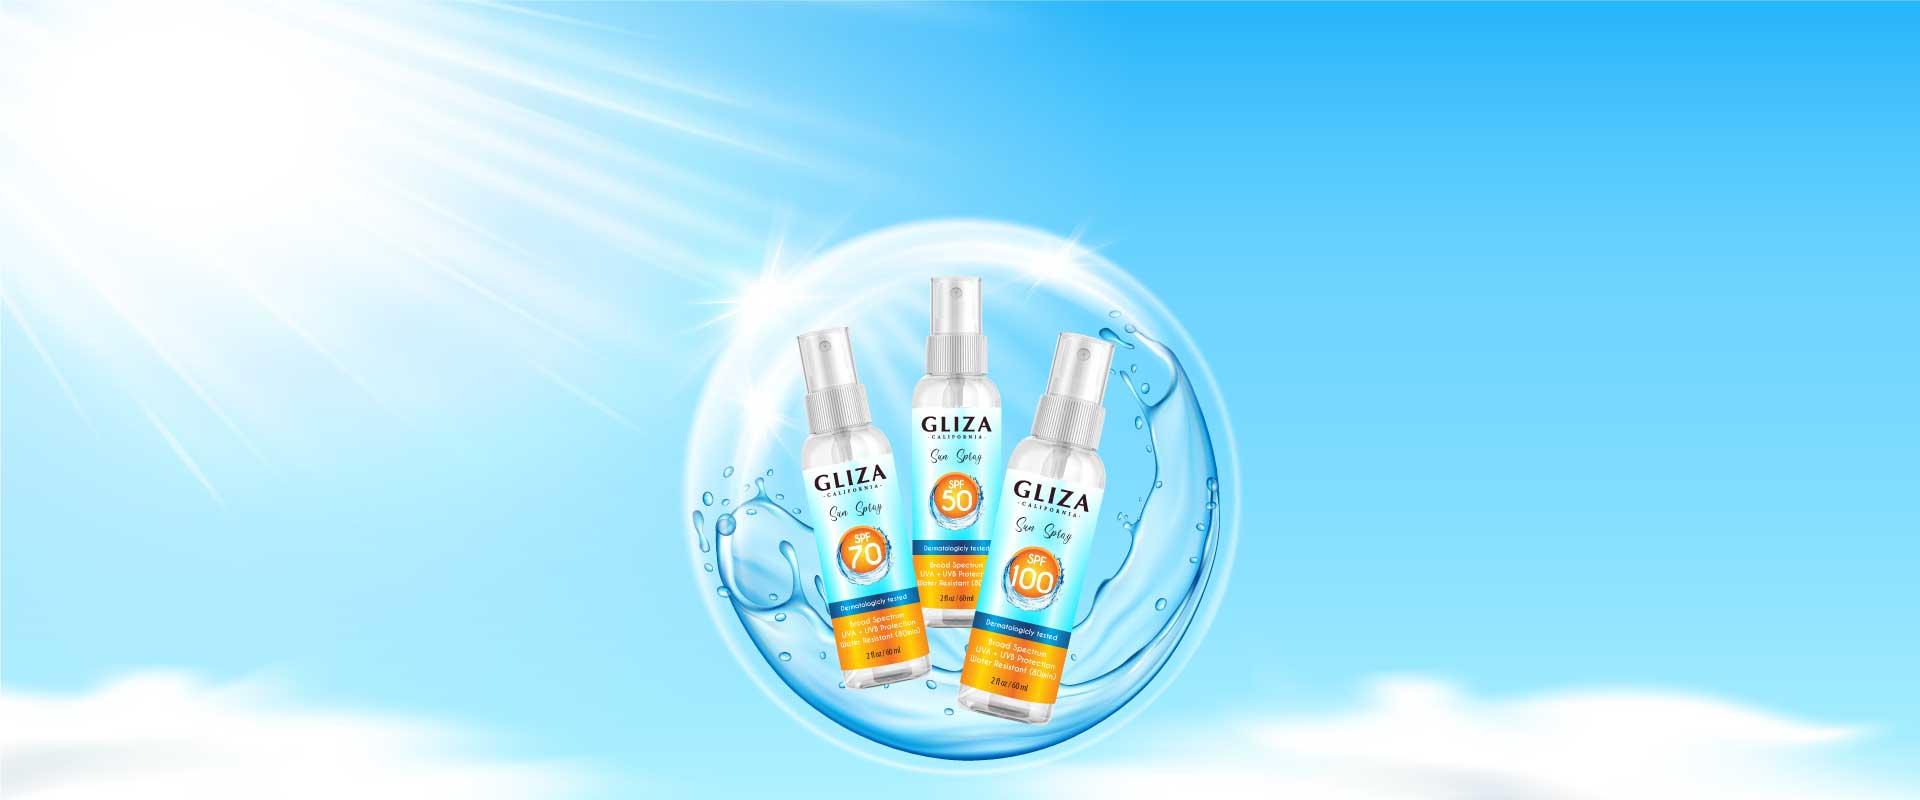 Gliza-Sun-Spray-Web-Banner